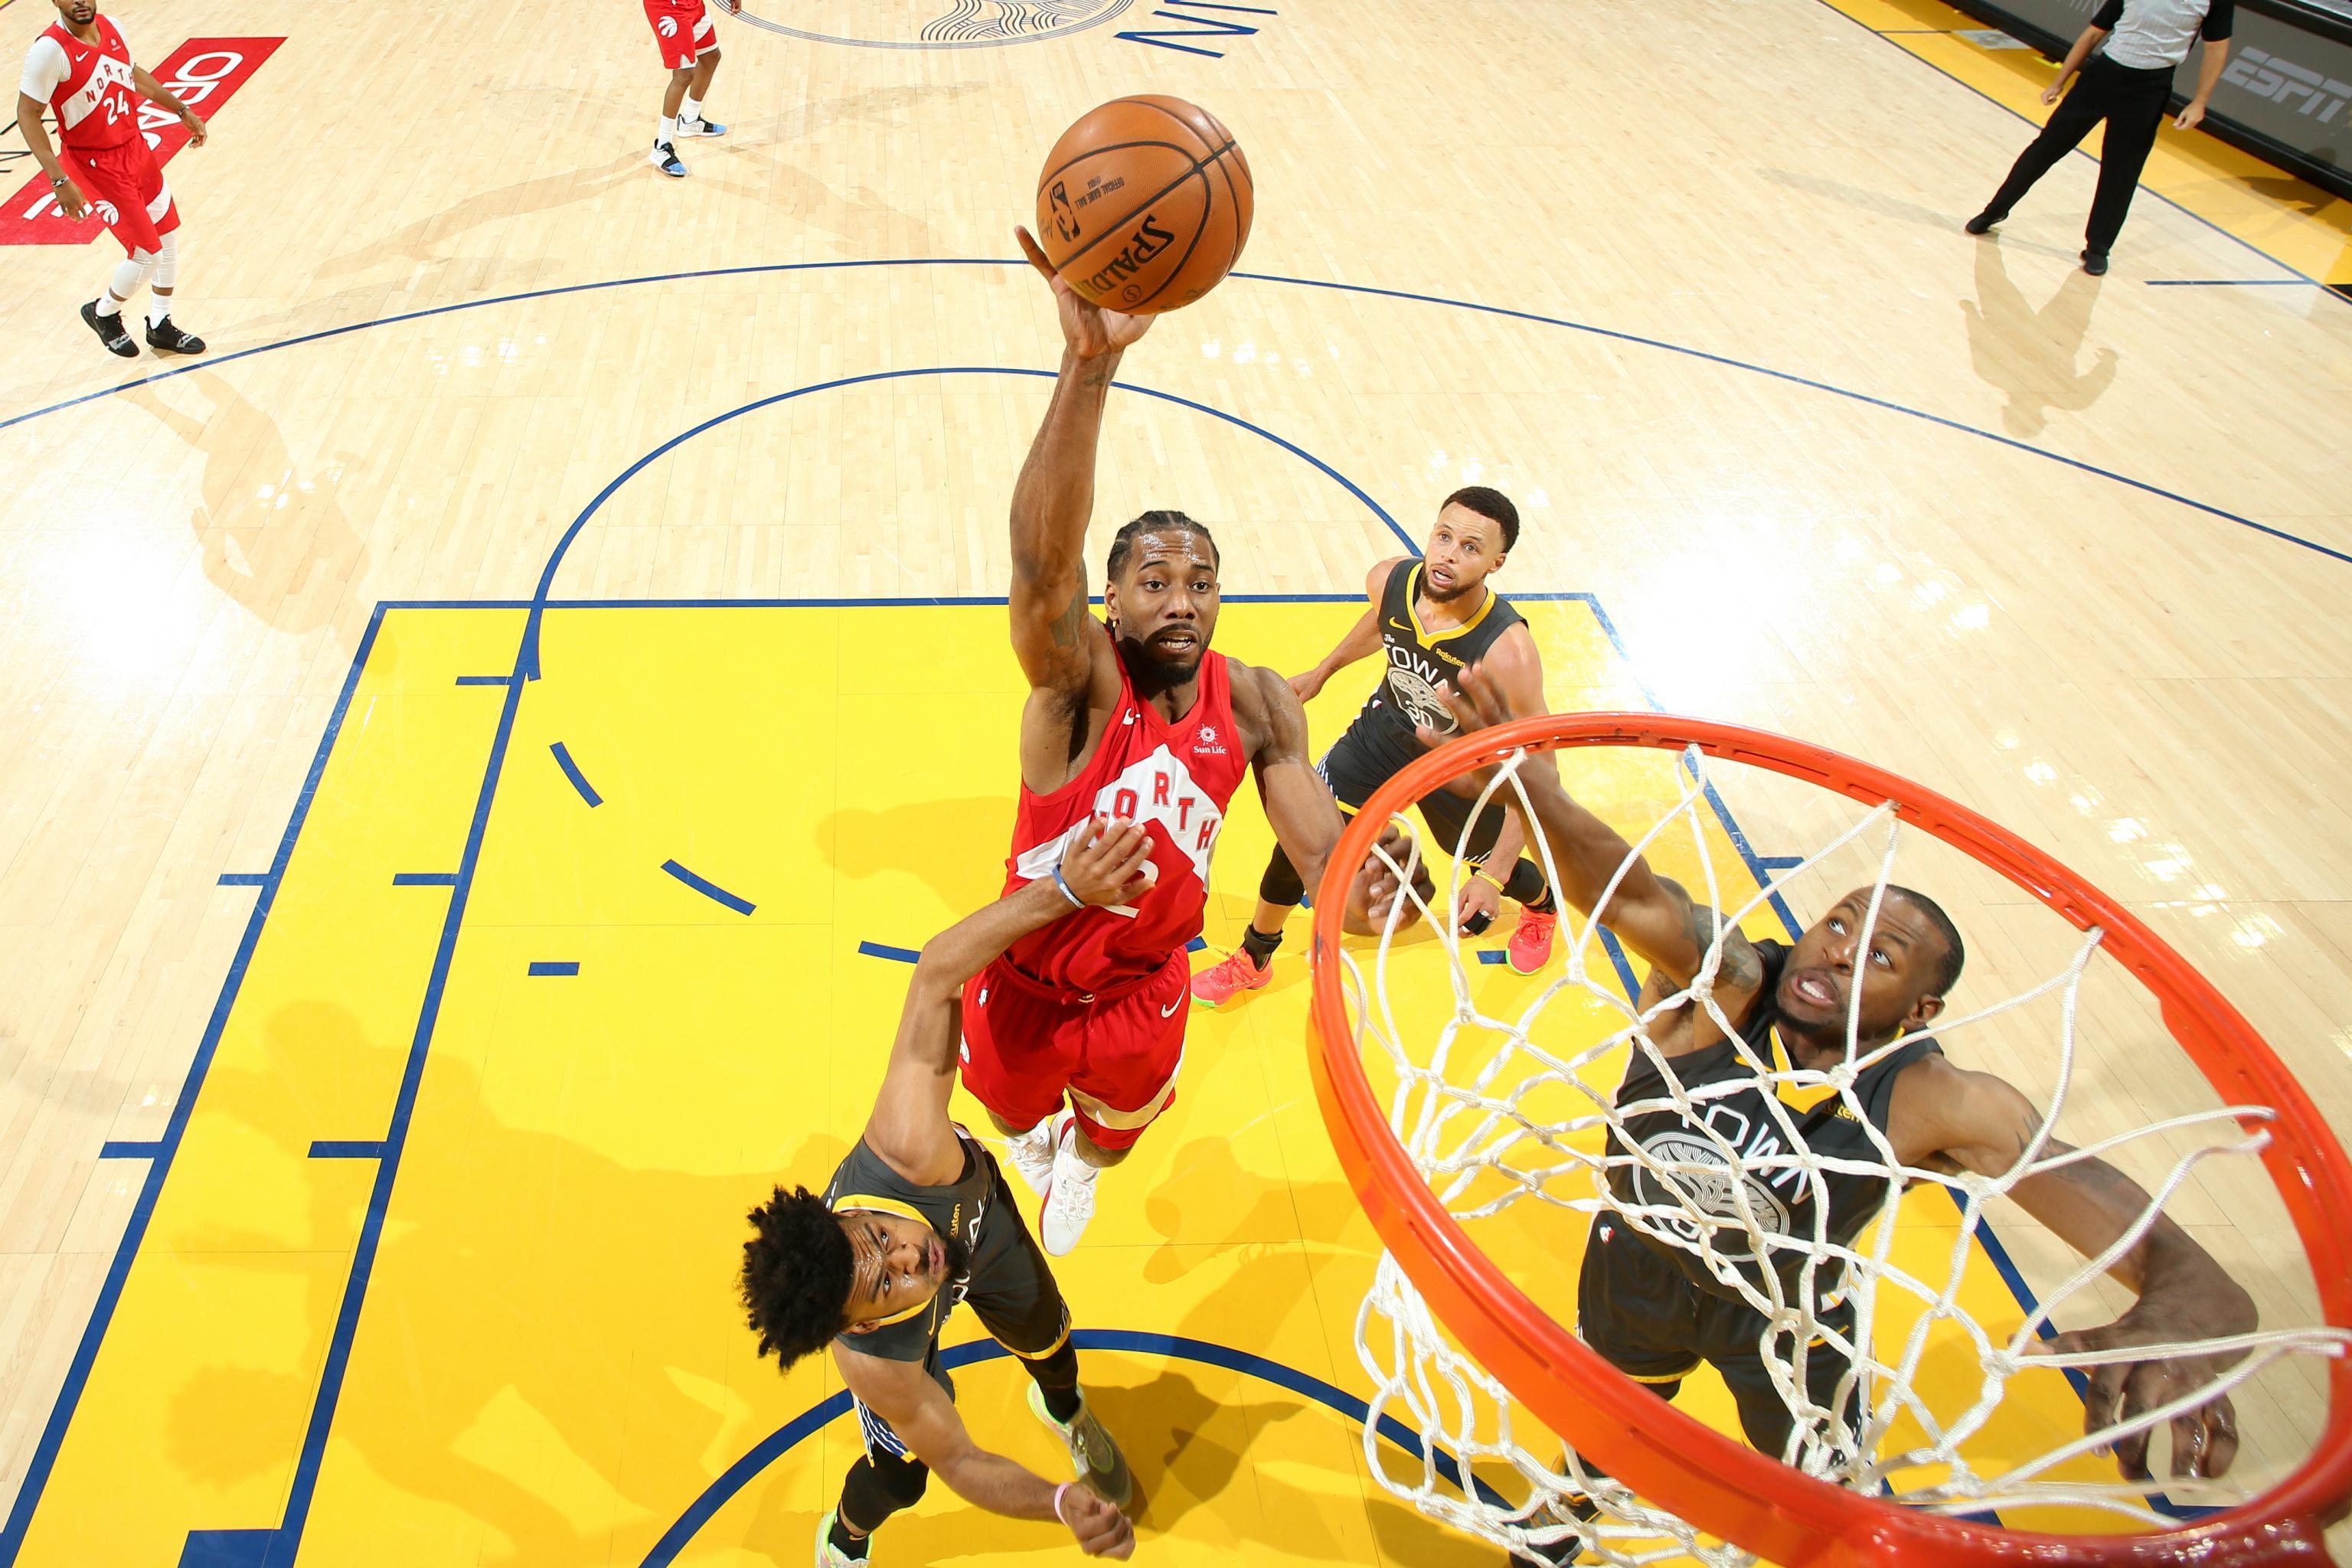 5056495765a Raptors' Kawhi Leonard Named 2019 NBA Finals MVP; Also Won Award in 2014 |  Bleacher Report | Latest News, Videos and Highlights